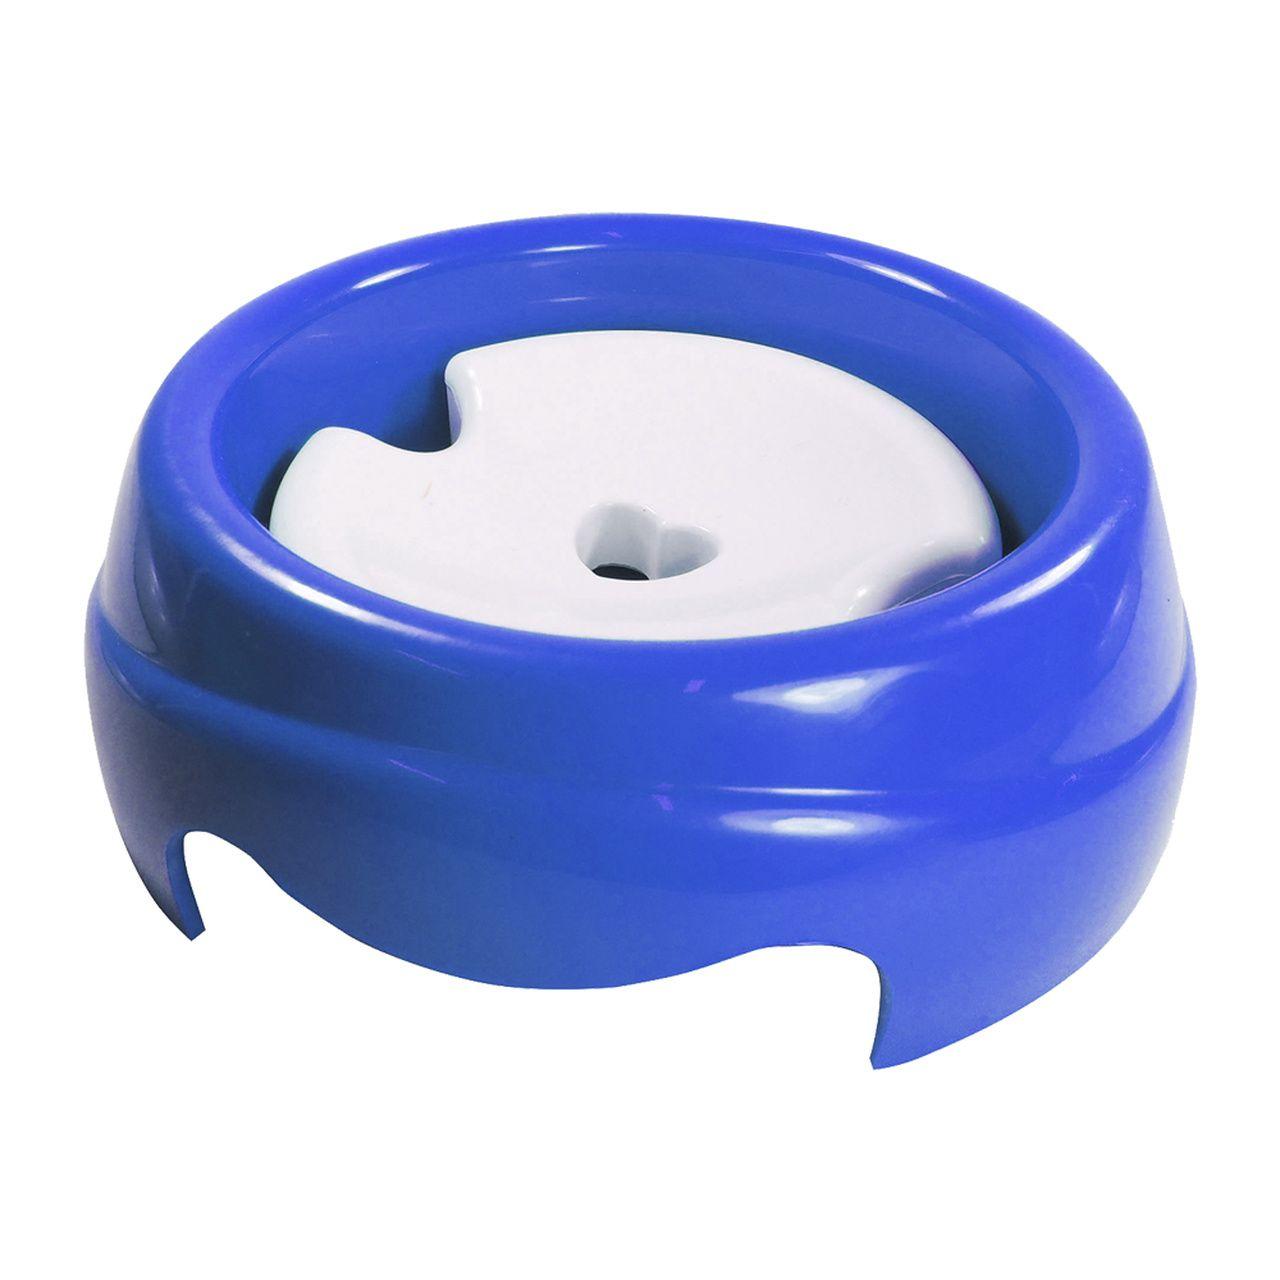 Bebedouro Furacão Pet de Plástico Especial para Cães de Pelos Longos - Azul